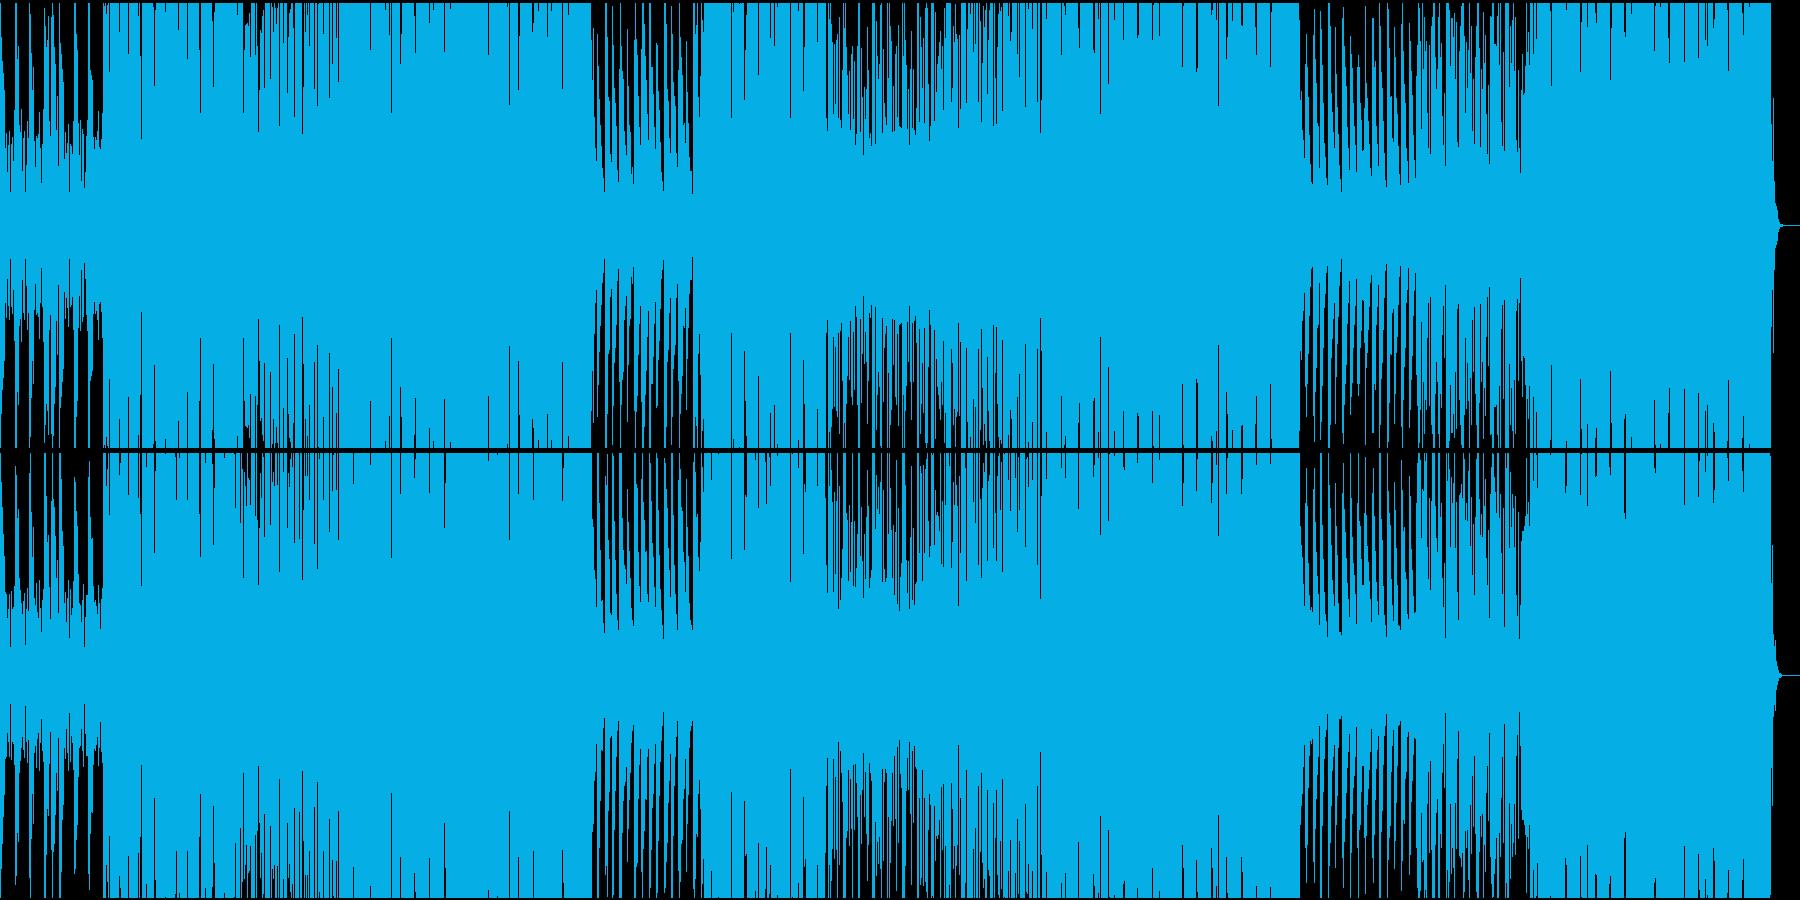 オシャレなR&Bの再生済みの波形